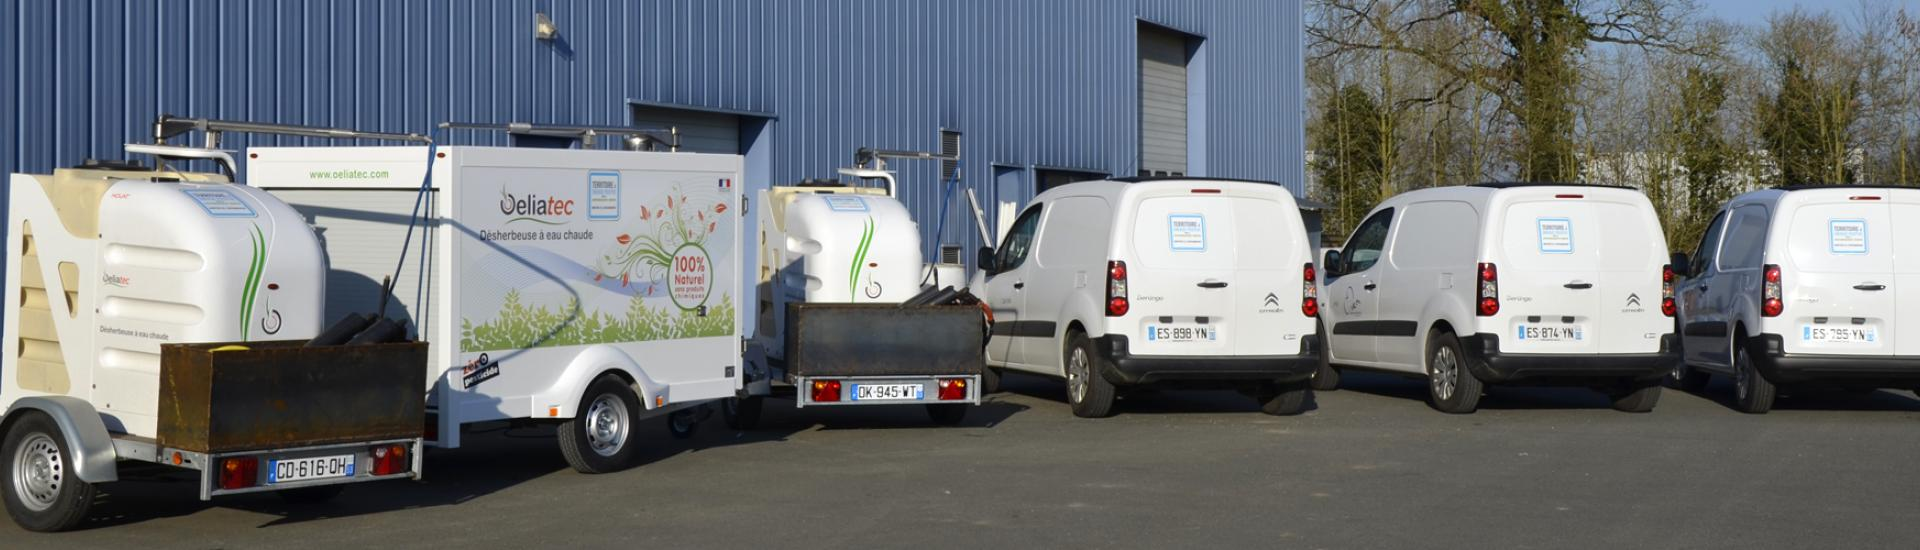 Véhicules électriques pour les services de la Communauté de communes